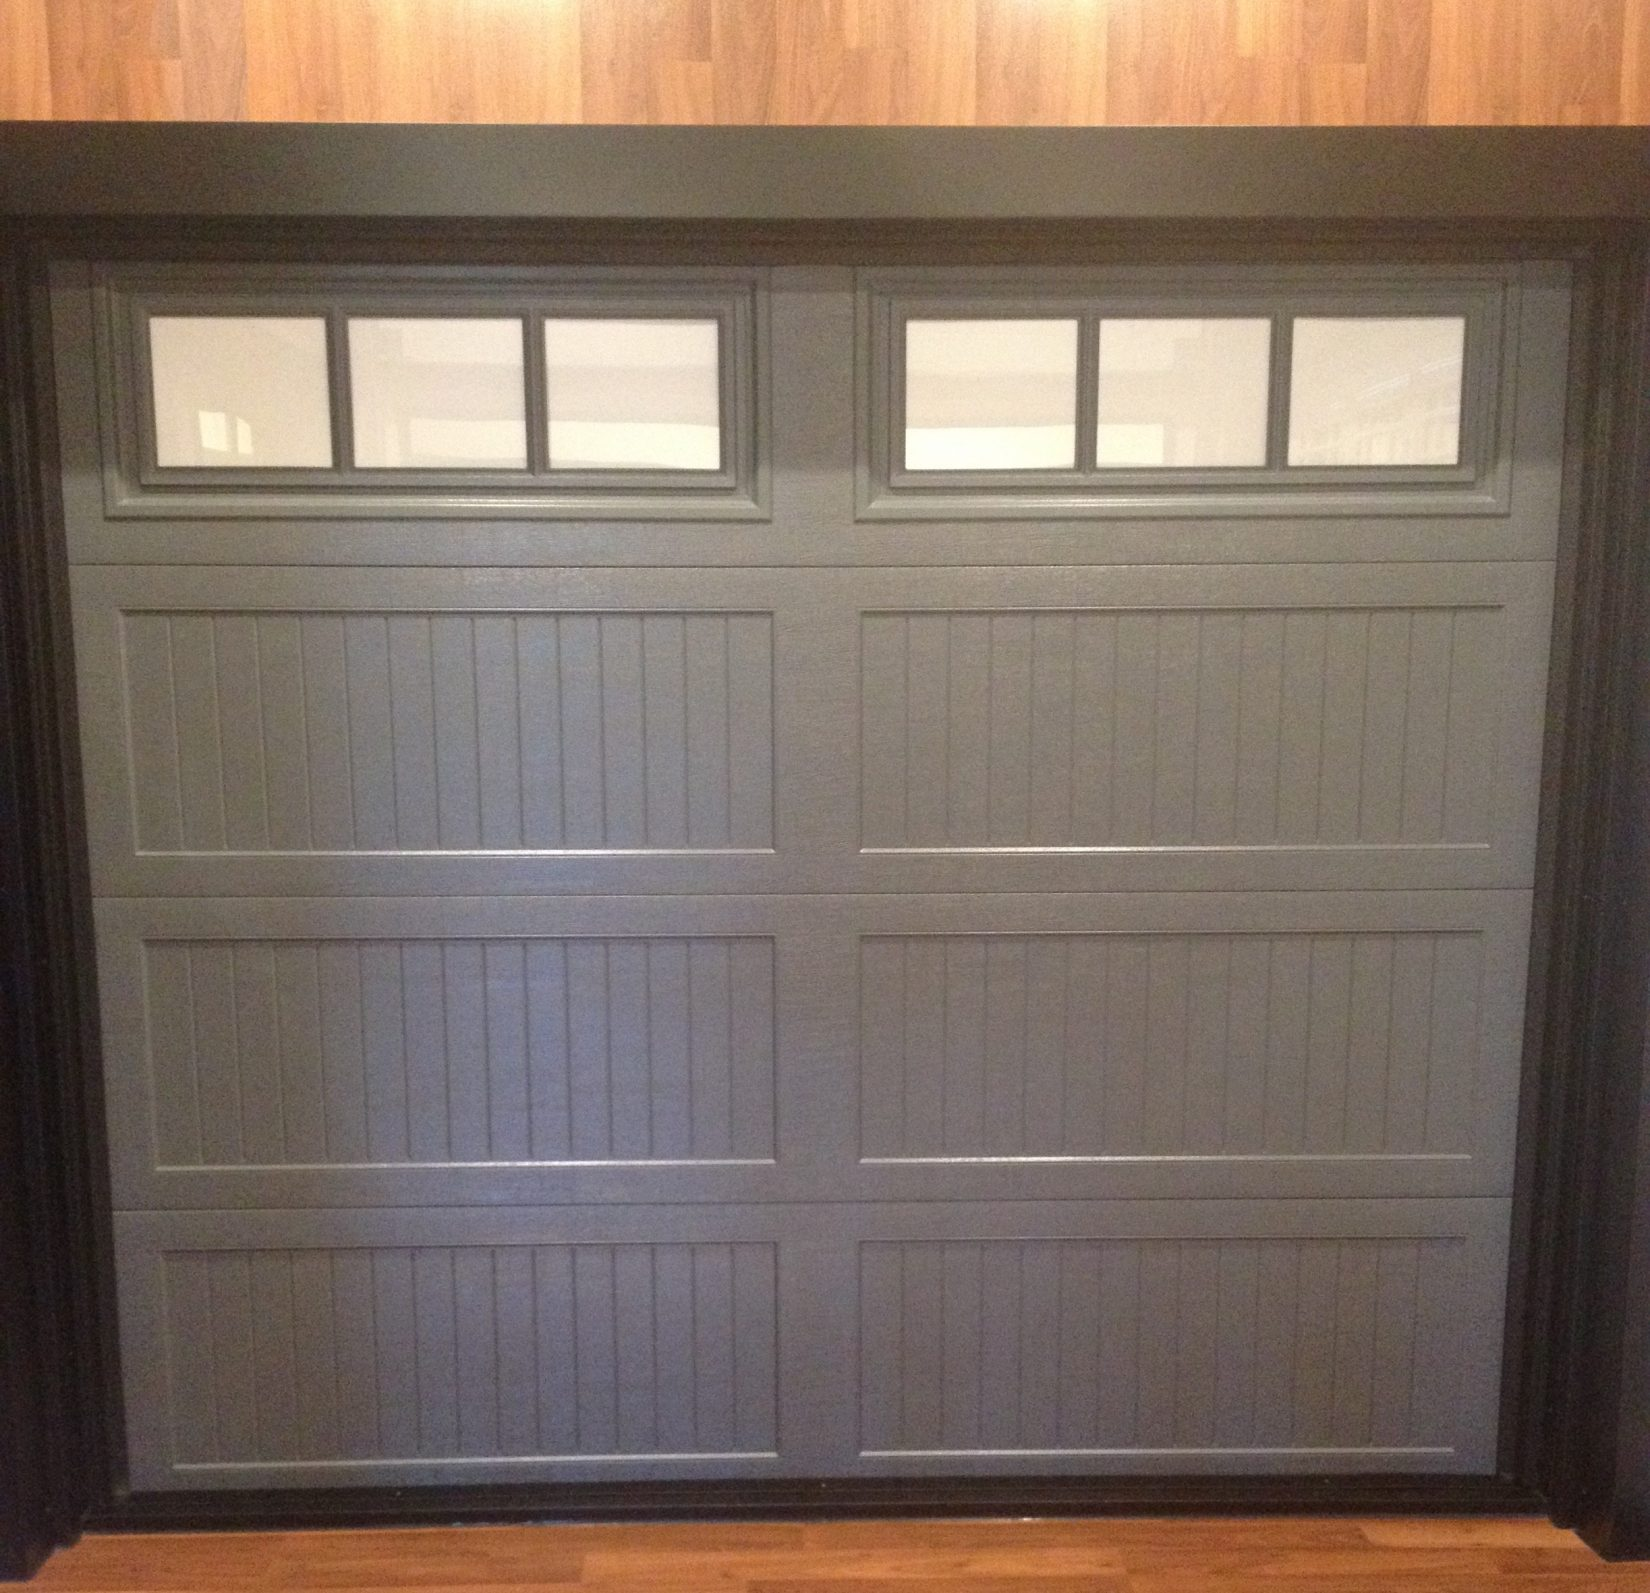 Hamilton door systems garage door repair service haas charcoal door ribbed long panel design with 3 pane windows rubansaba